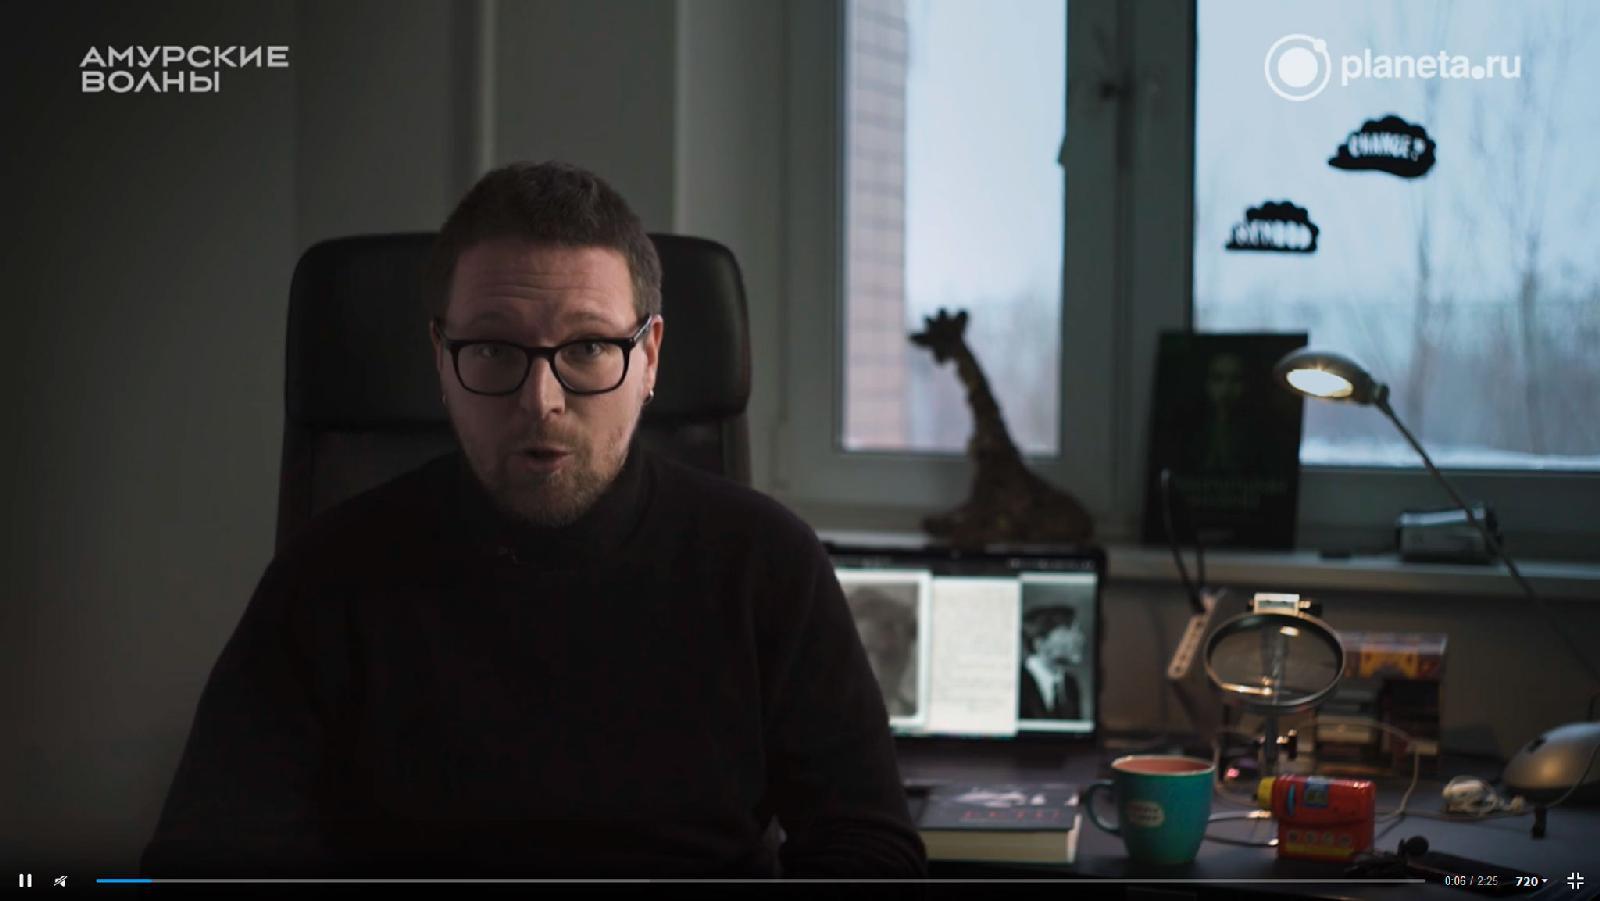 Кадр из ролика для кампании по сбору средств на фильм «Это Эдик». Сумма 1 752 100 руб. была собрана примерно за три месяца